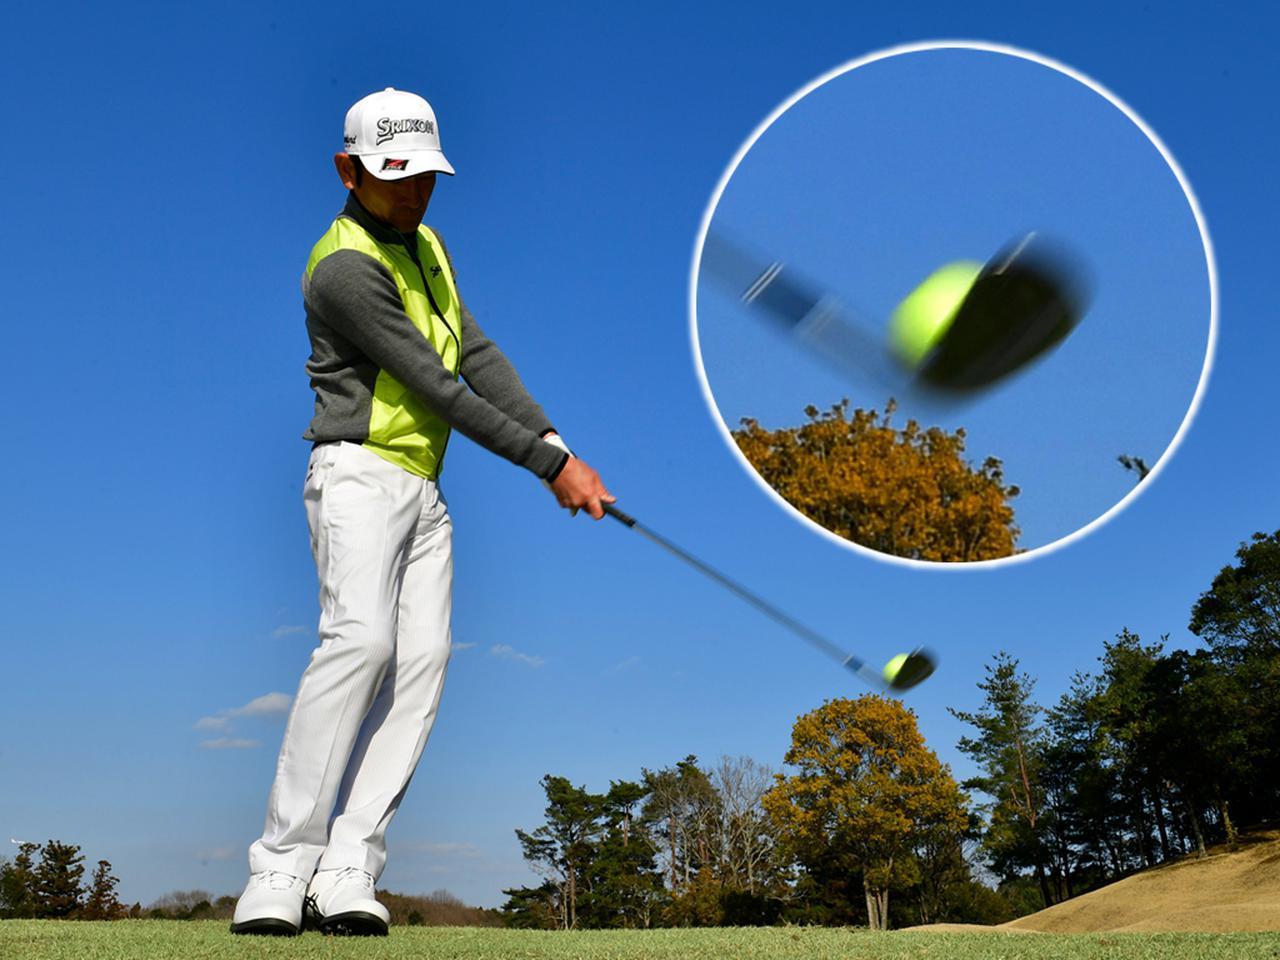 画像6: 【春ゴルフのアプローチ】芝が薄いこの時期は、フェースを返すのが正解です。誰でもできる100切りレッスン